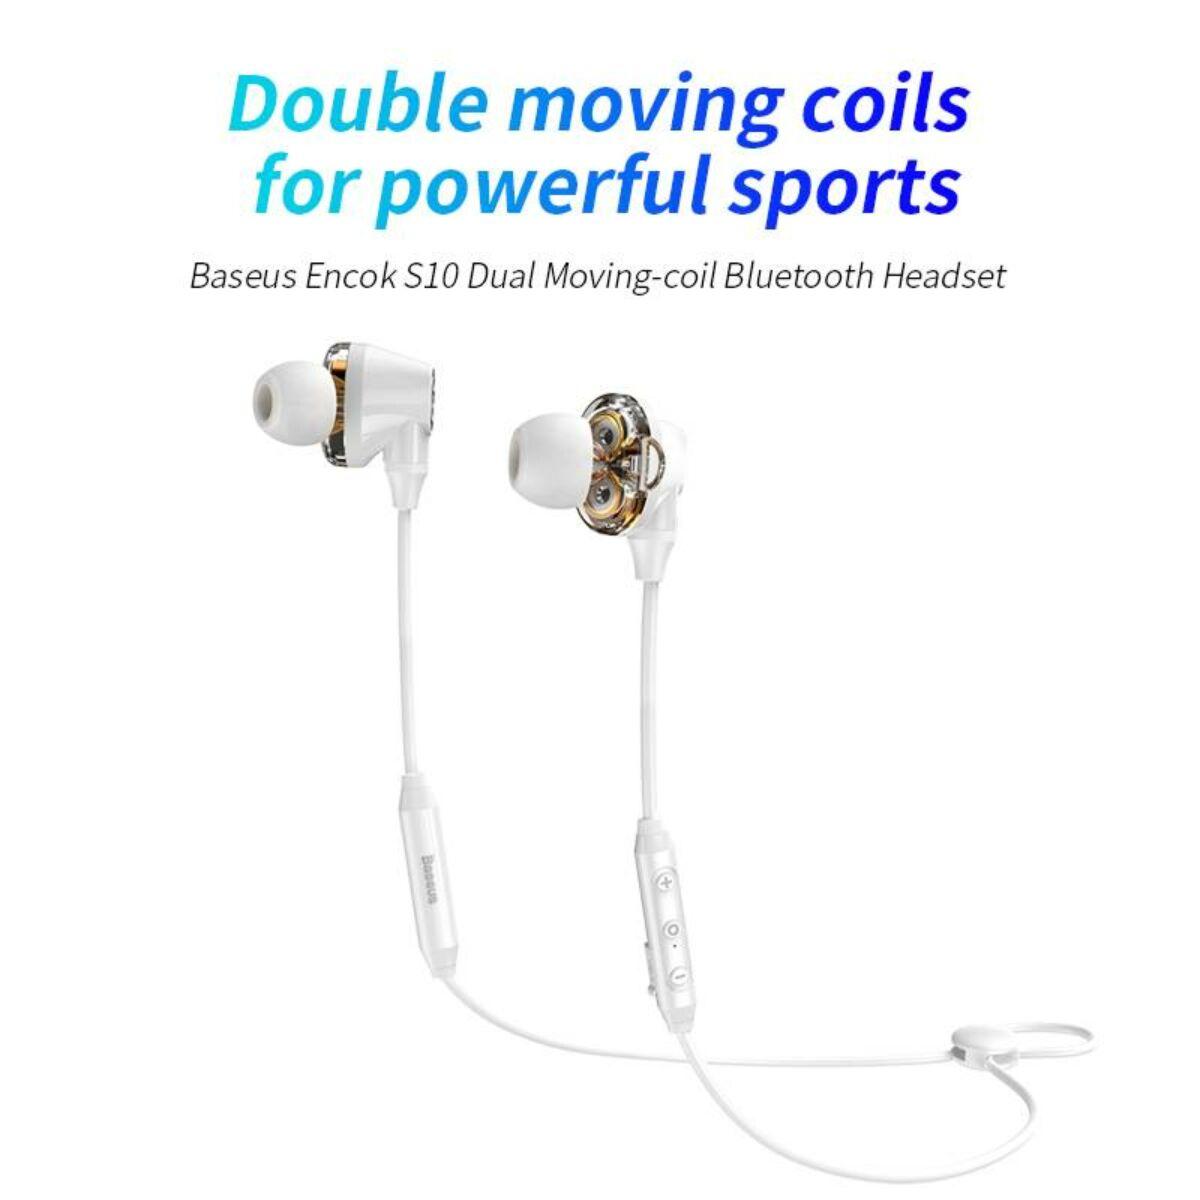 Baseus fülhallgató, Bluetooth Encok S10, Dual Moving-Coil vezeték nélküli headset, vezérlővel, fehér (NGS10-02)